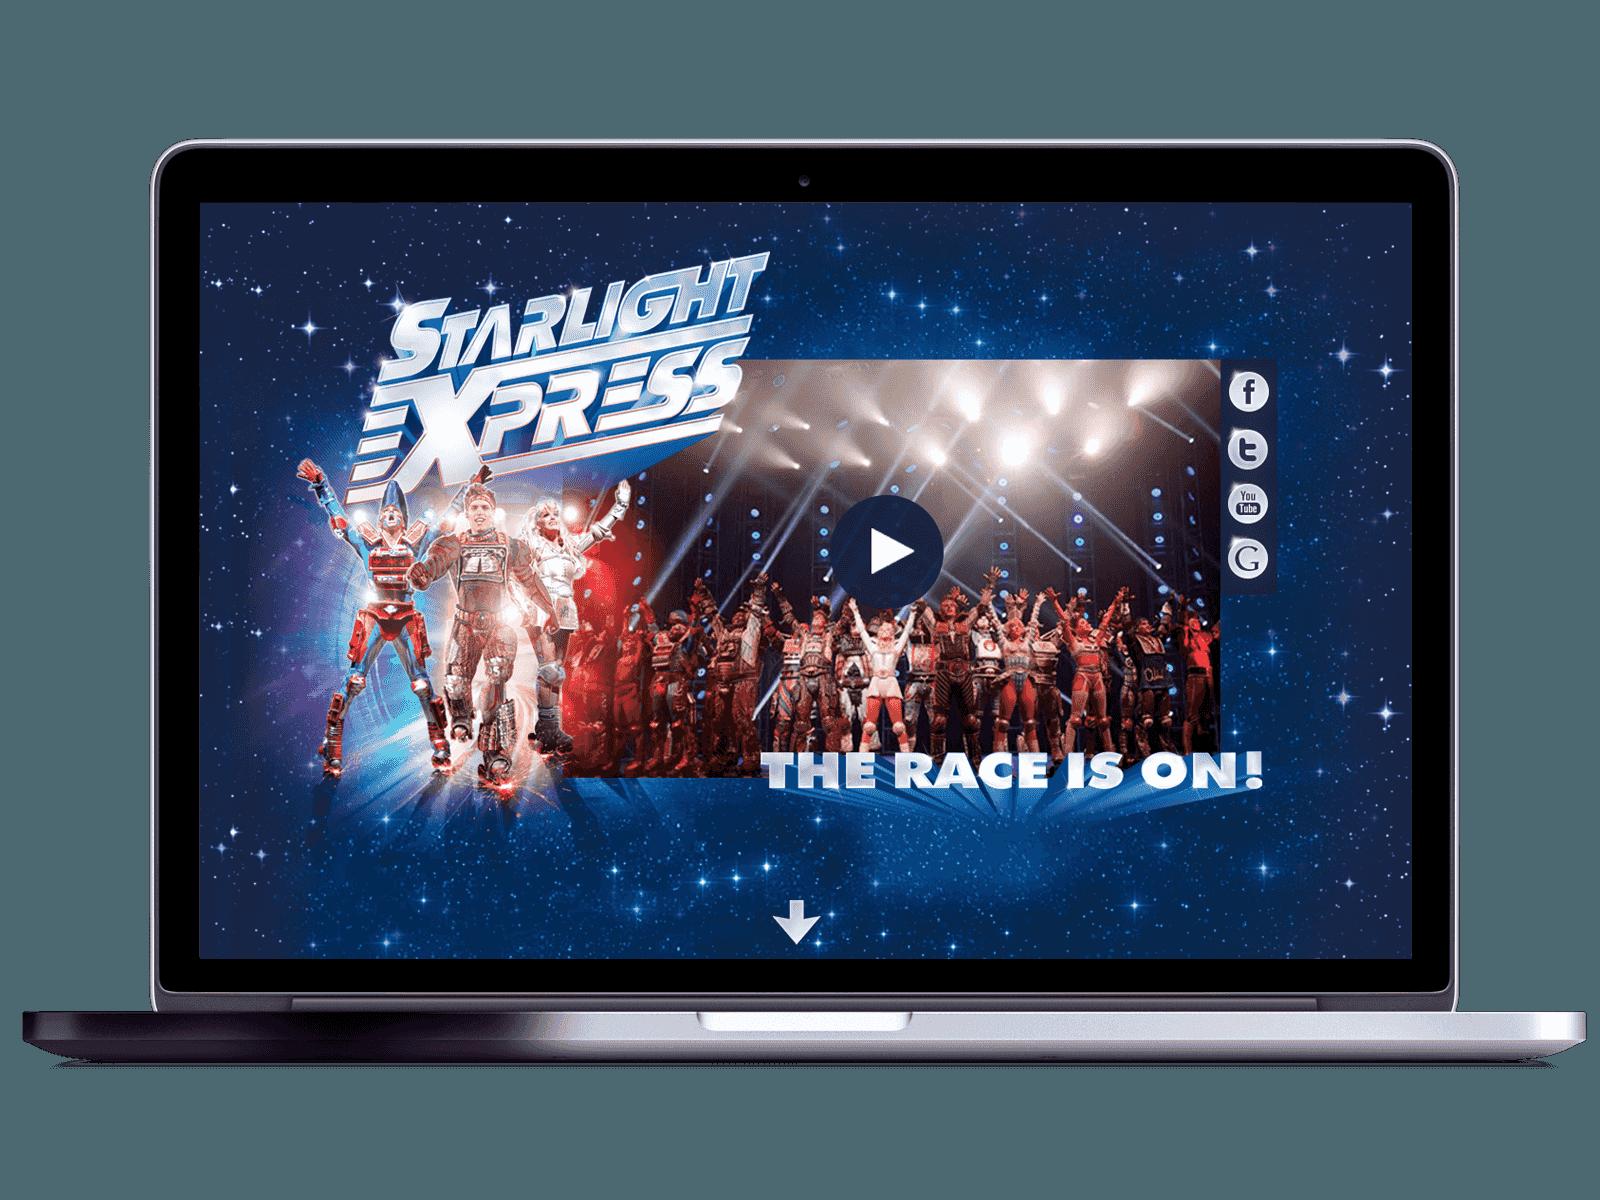 Starlight Express header in Mac